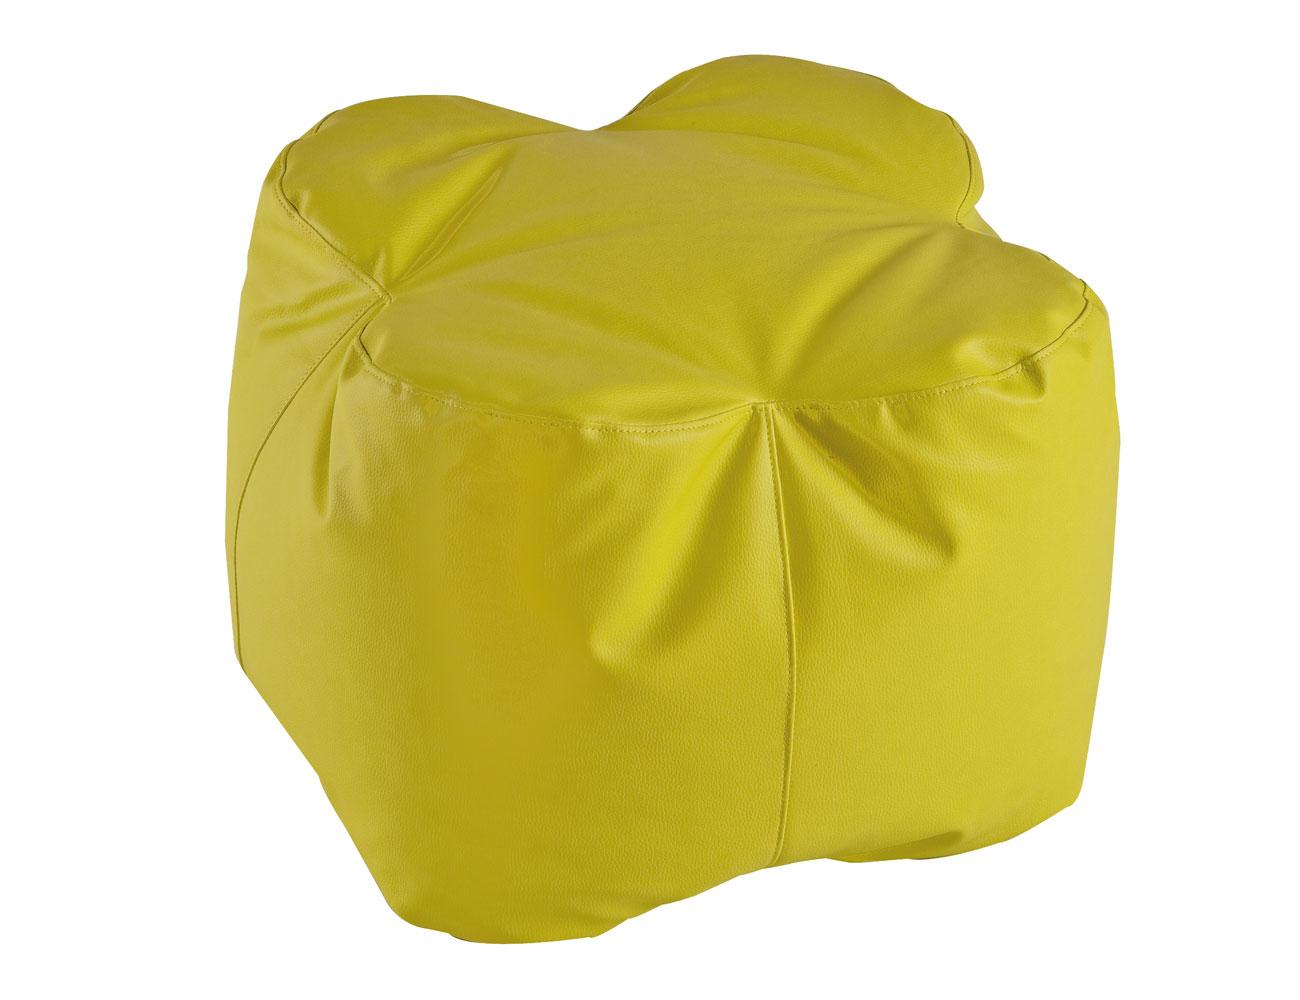 41 trebol amarillo6